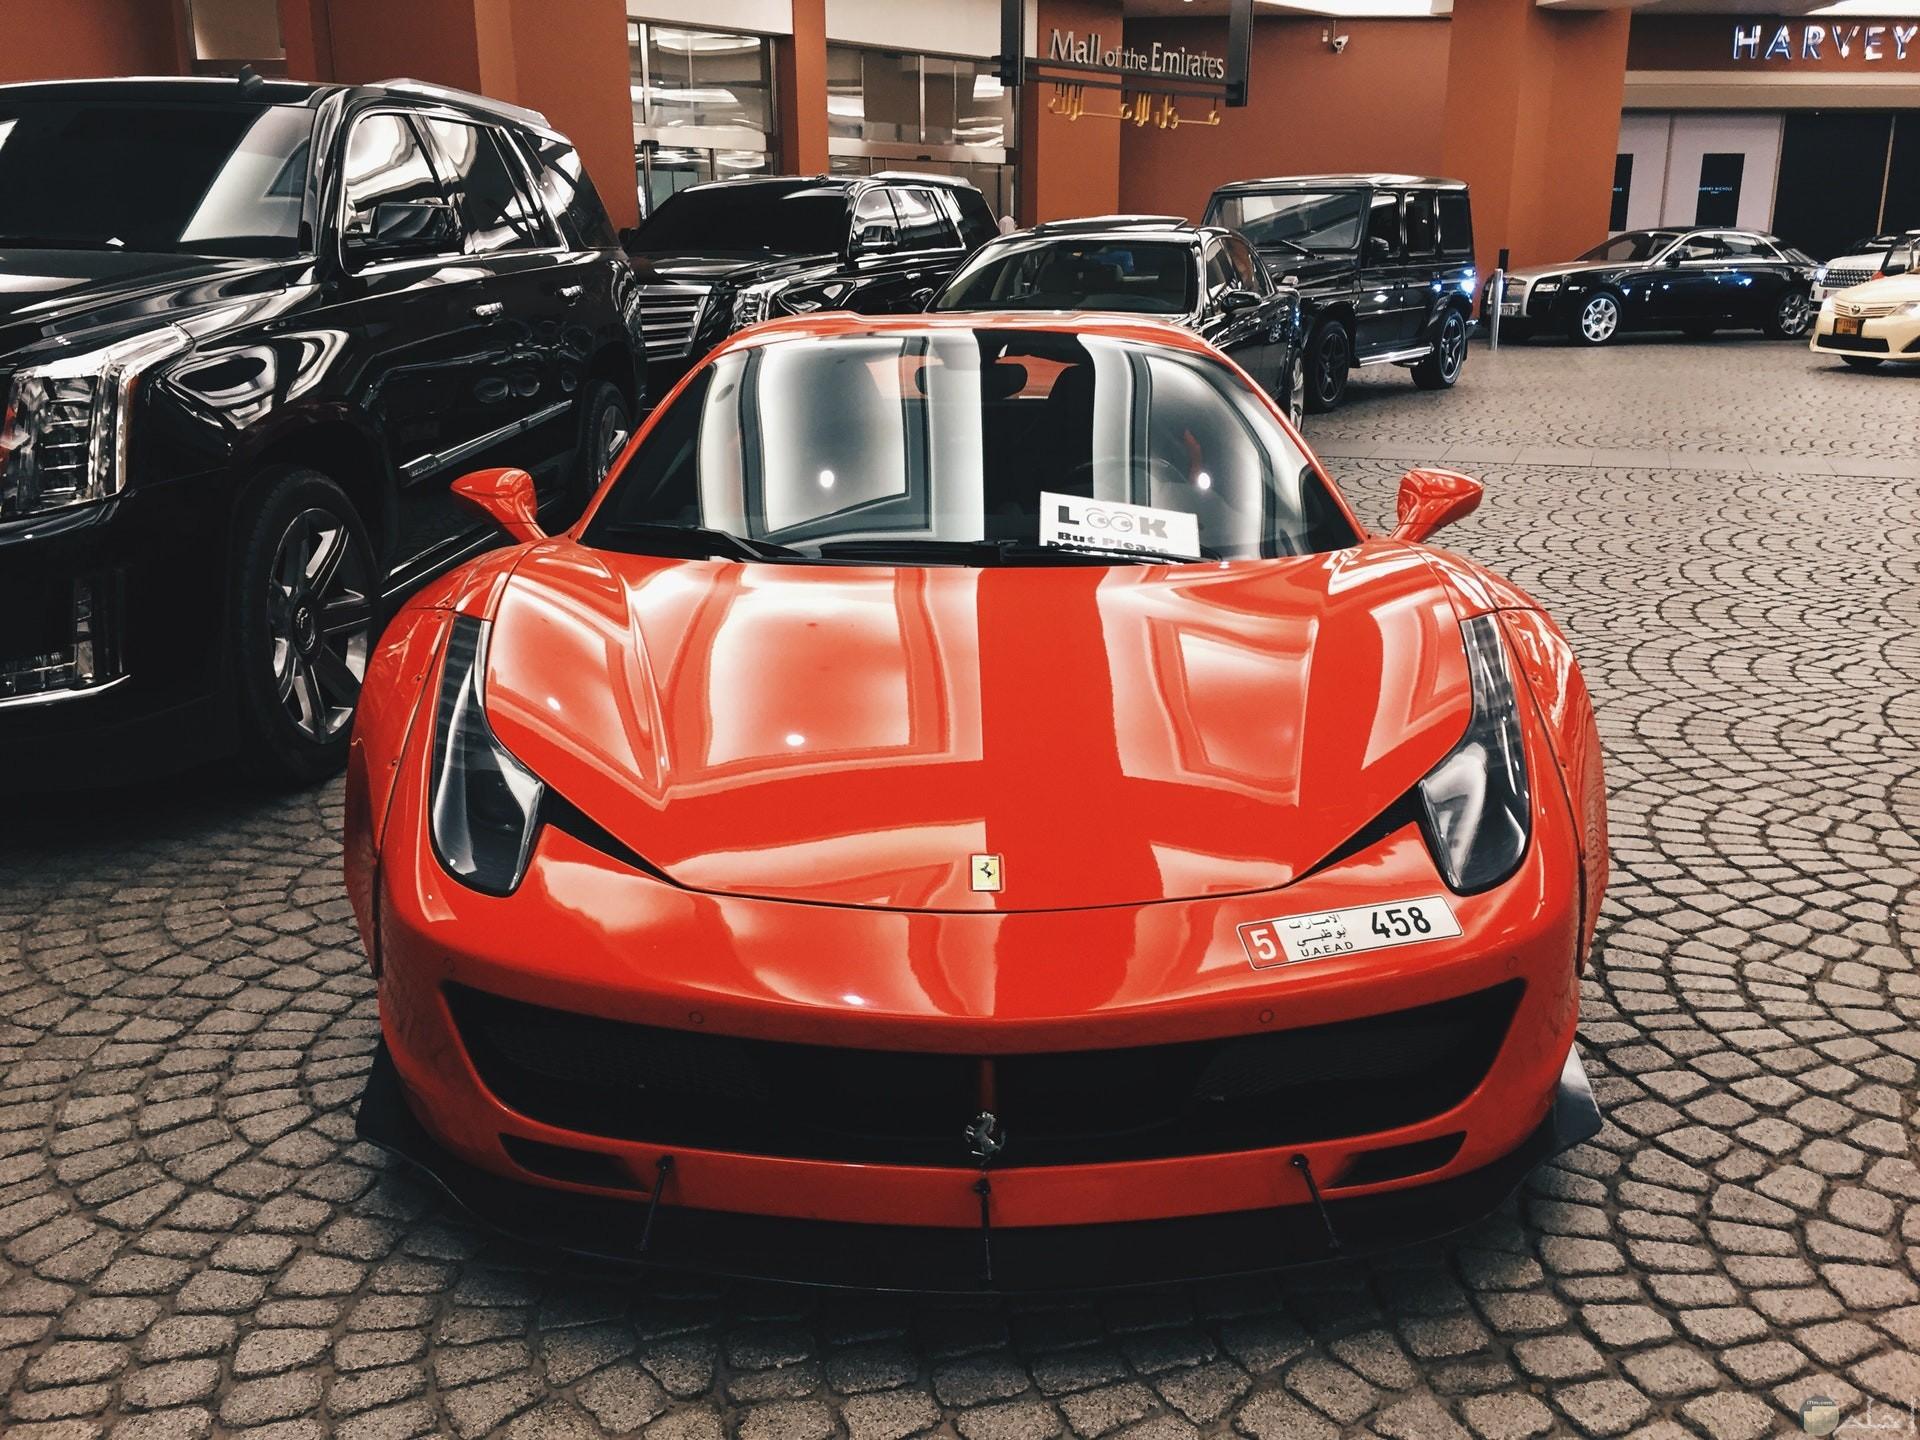 صورة مميزة لسيارة فيراري برتقالية فخمة جدا وخلفها سيارات سوداء